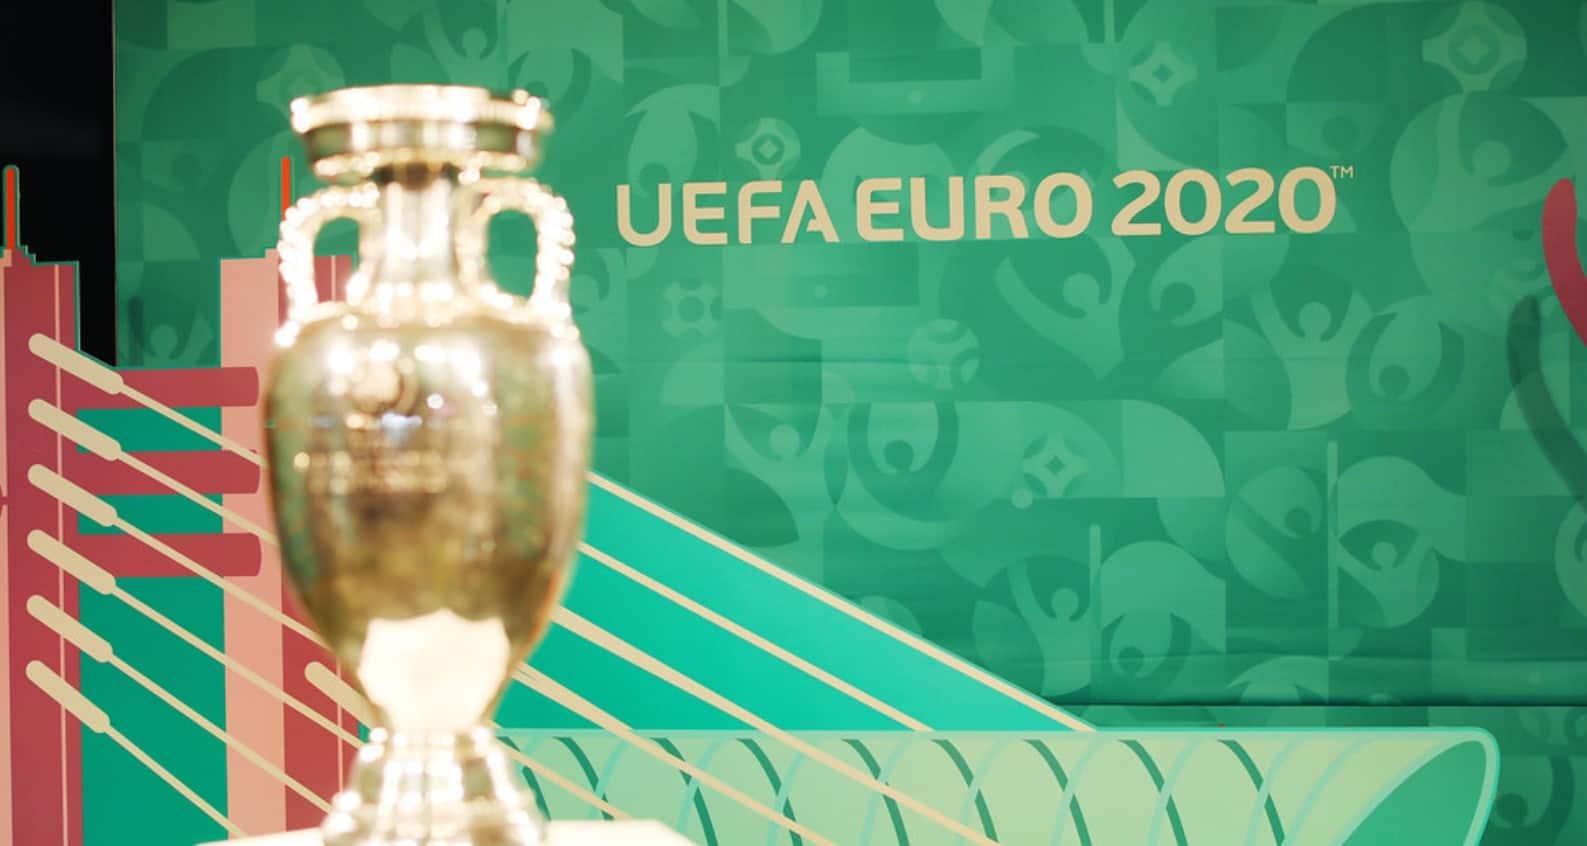 Co bukmacherzy przygotowali na Euro 2020?